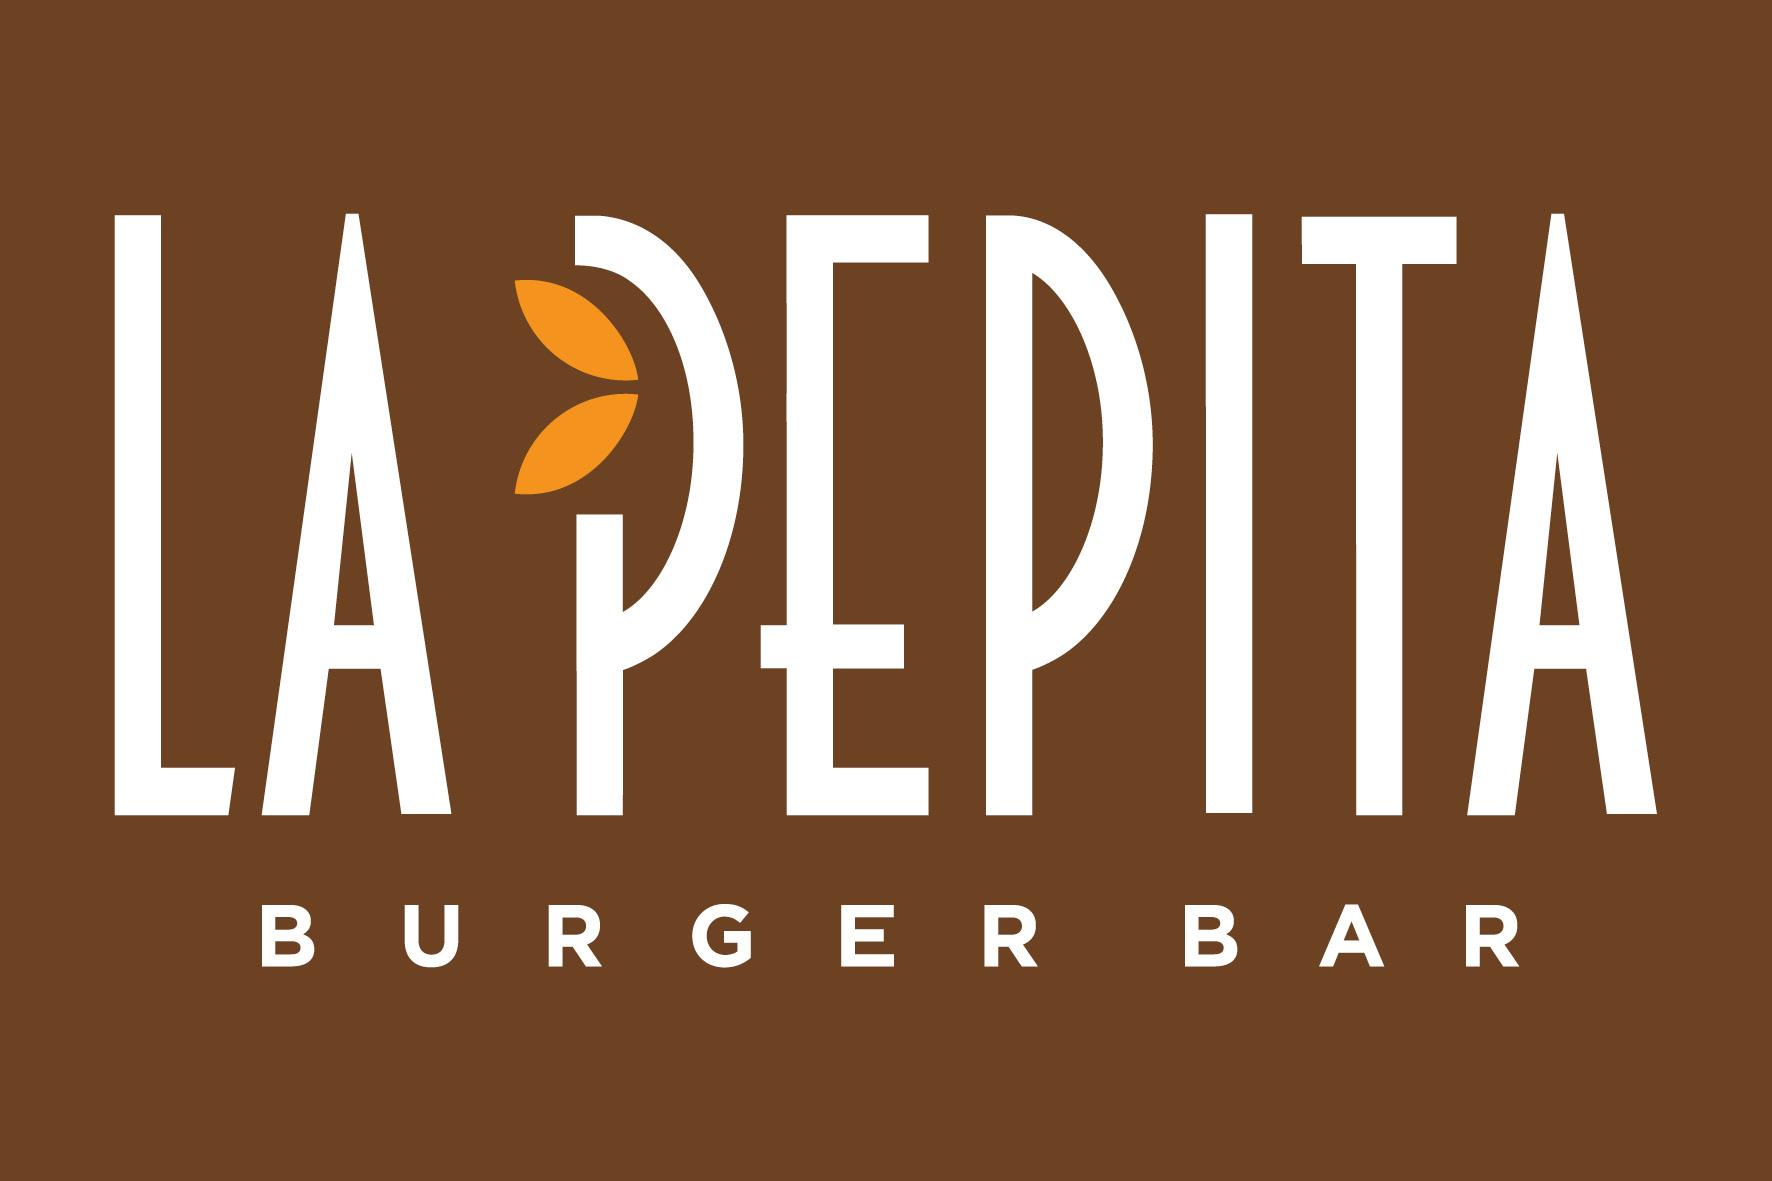 PEPITA BURGER BAR